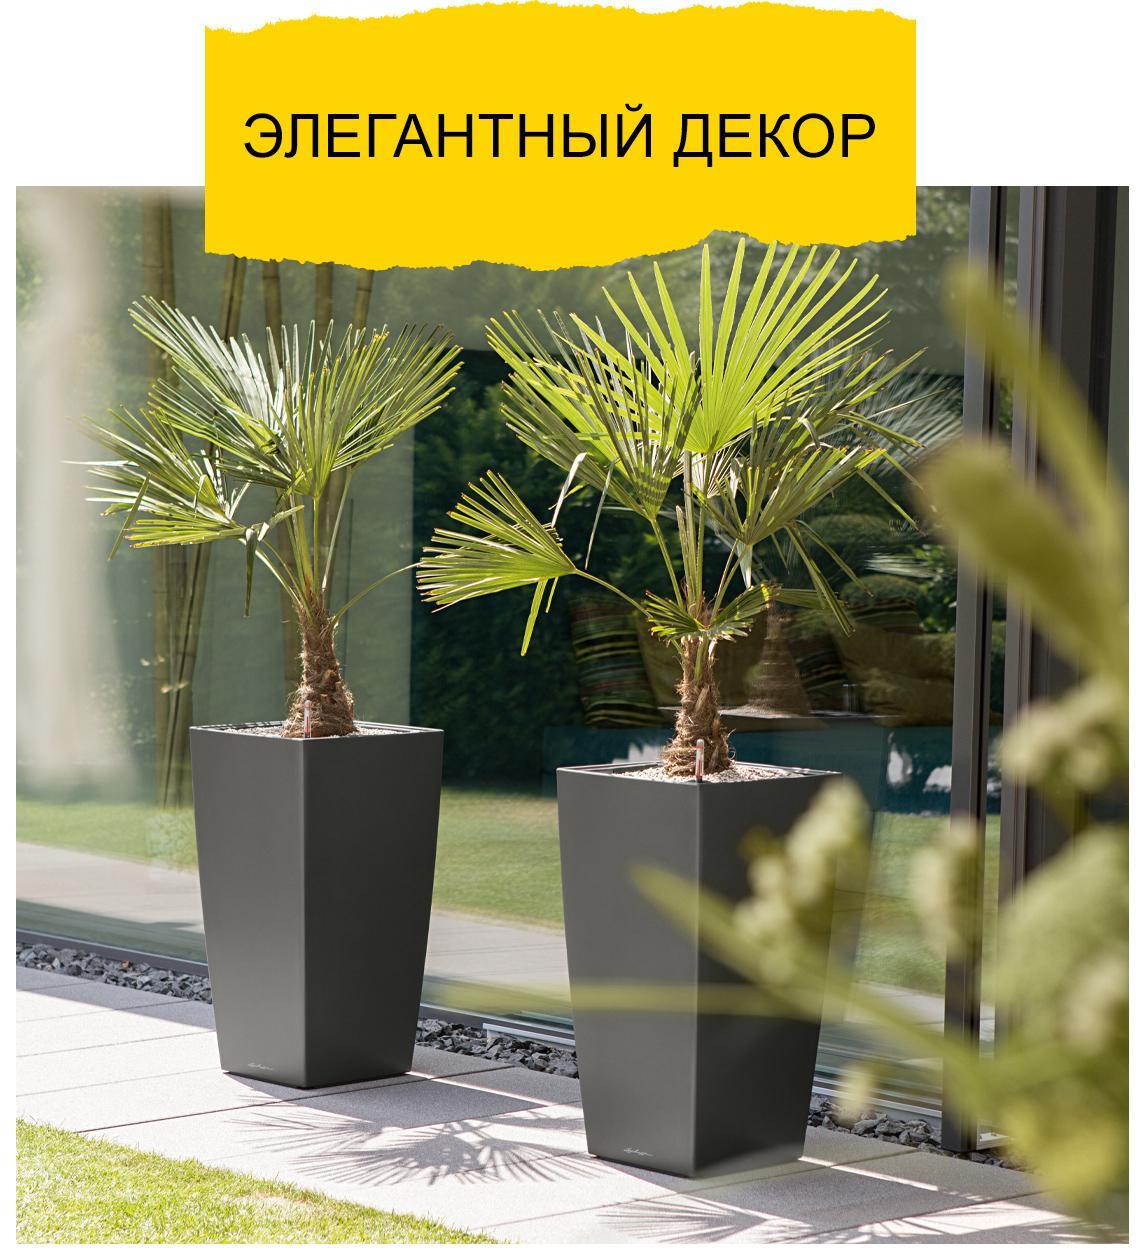 Два CUBICO Premium цвета антрацит с пальмами стоят перед большим окном на улице.